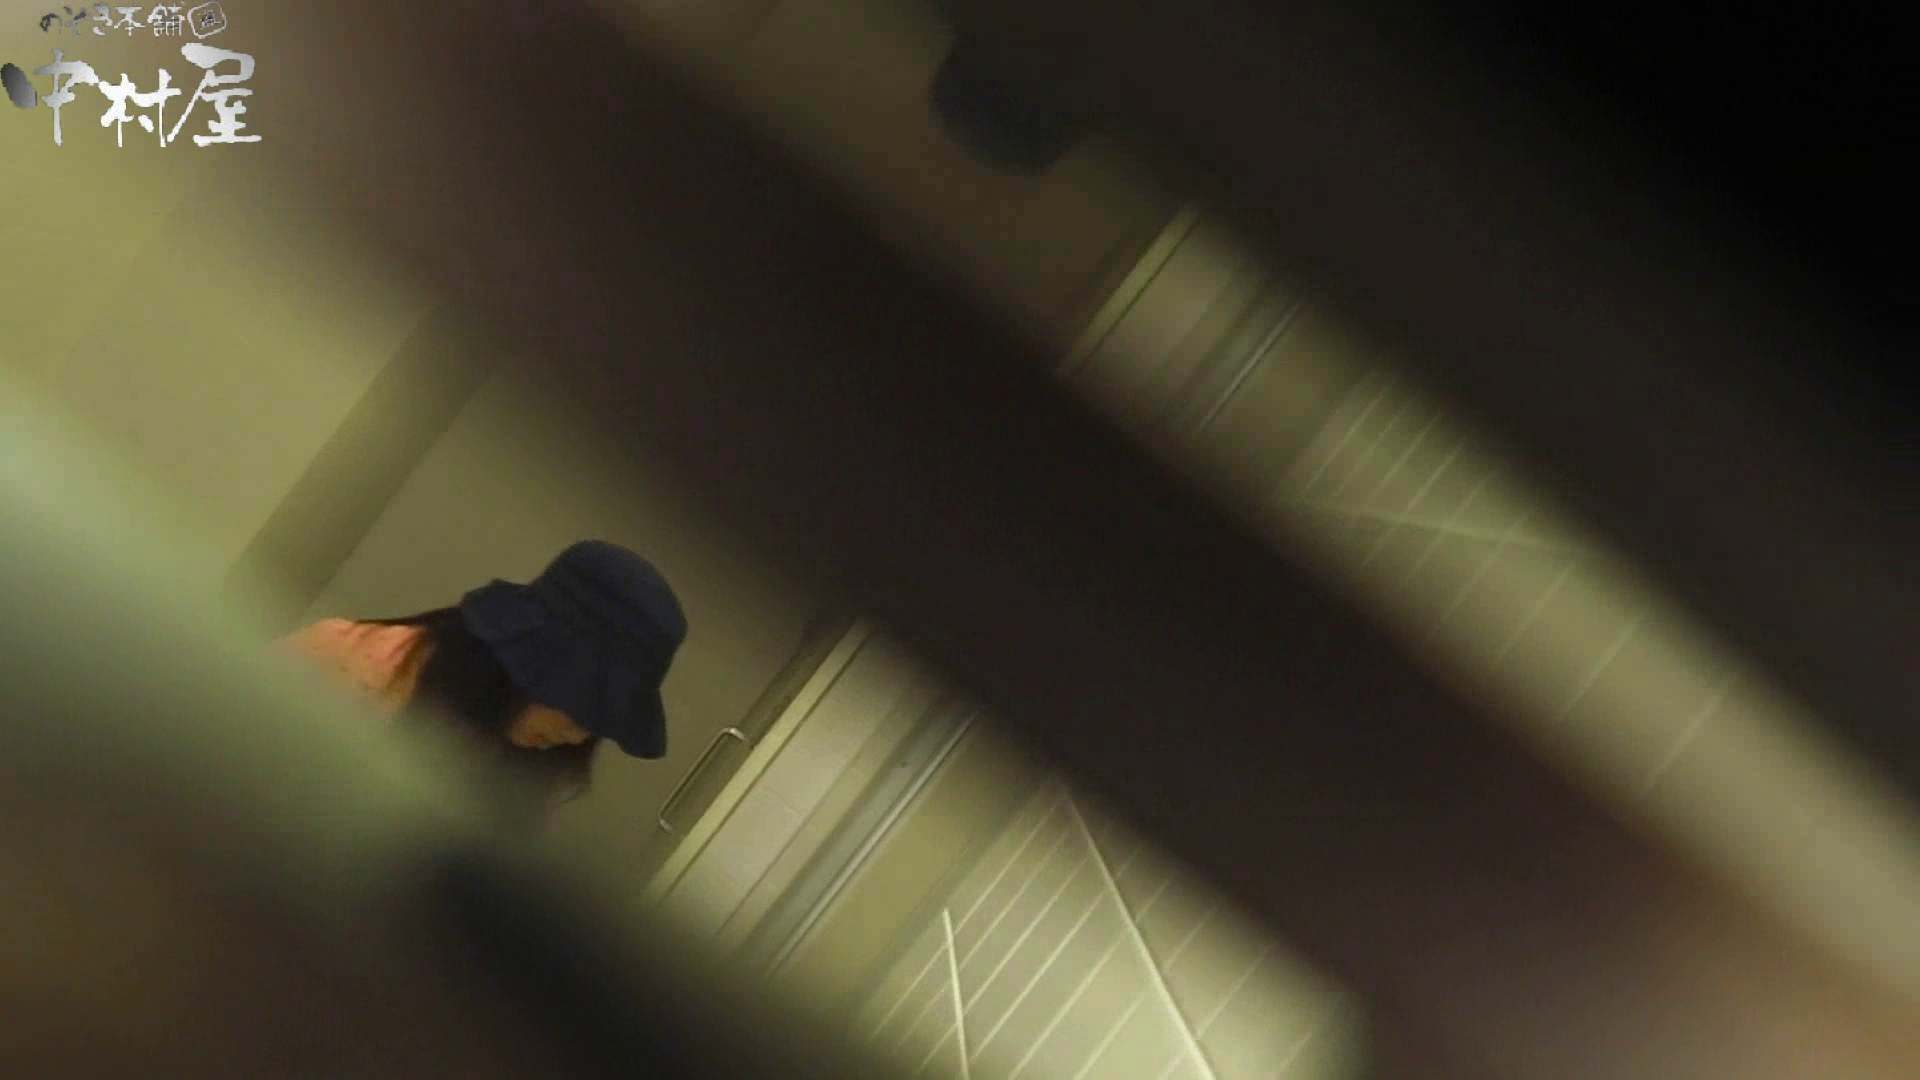 【お銀さんの「洗面所突入レポート!!」】お銀さんの「洗面所突入レポート!!」 vol.28小島陽菜似のピンクオシャレさん 洗面所  42連発 34